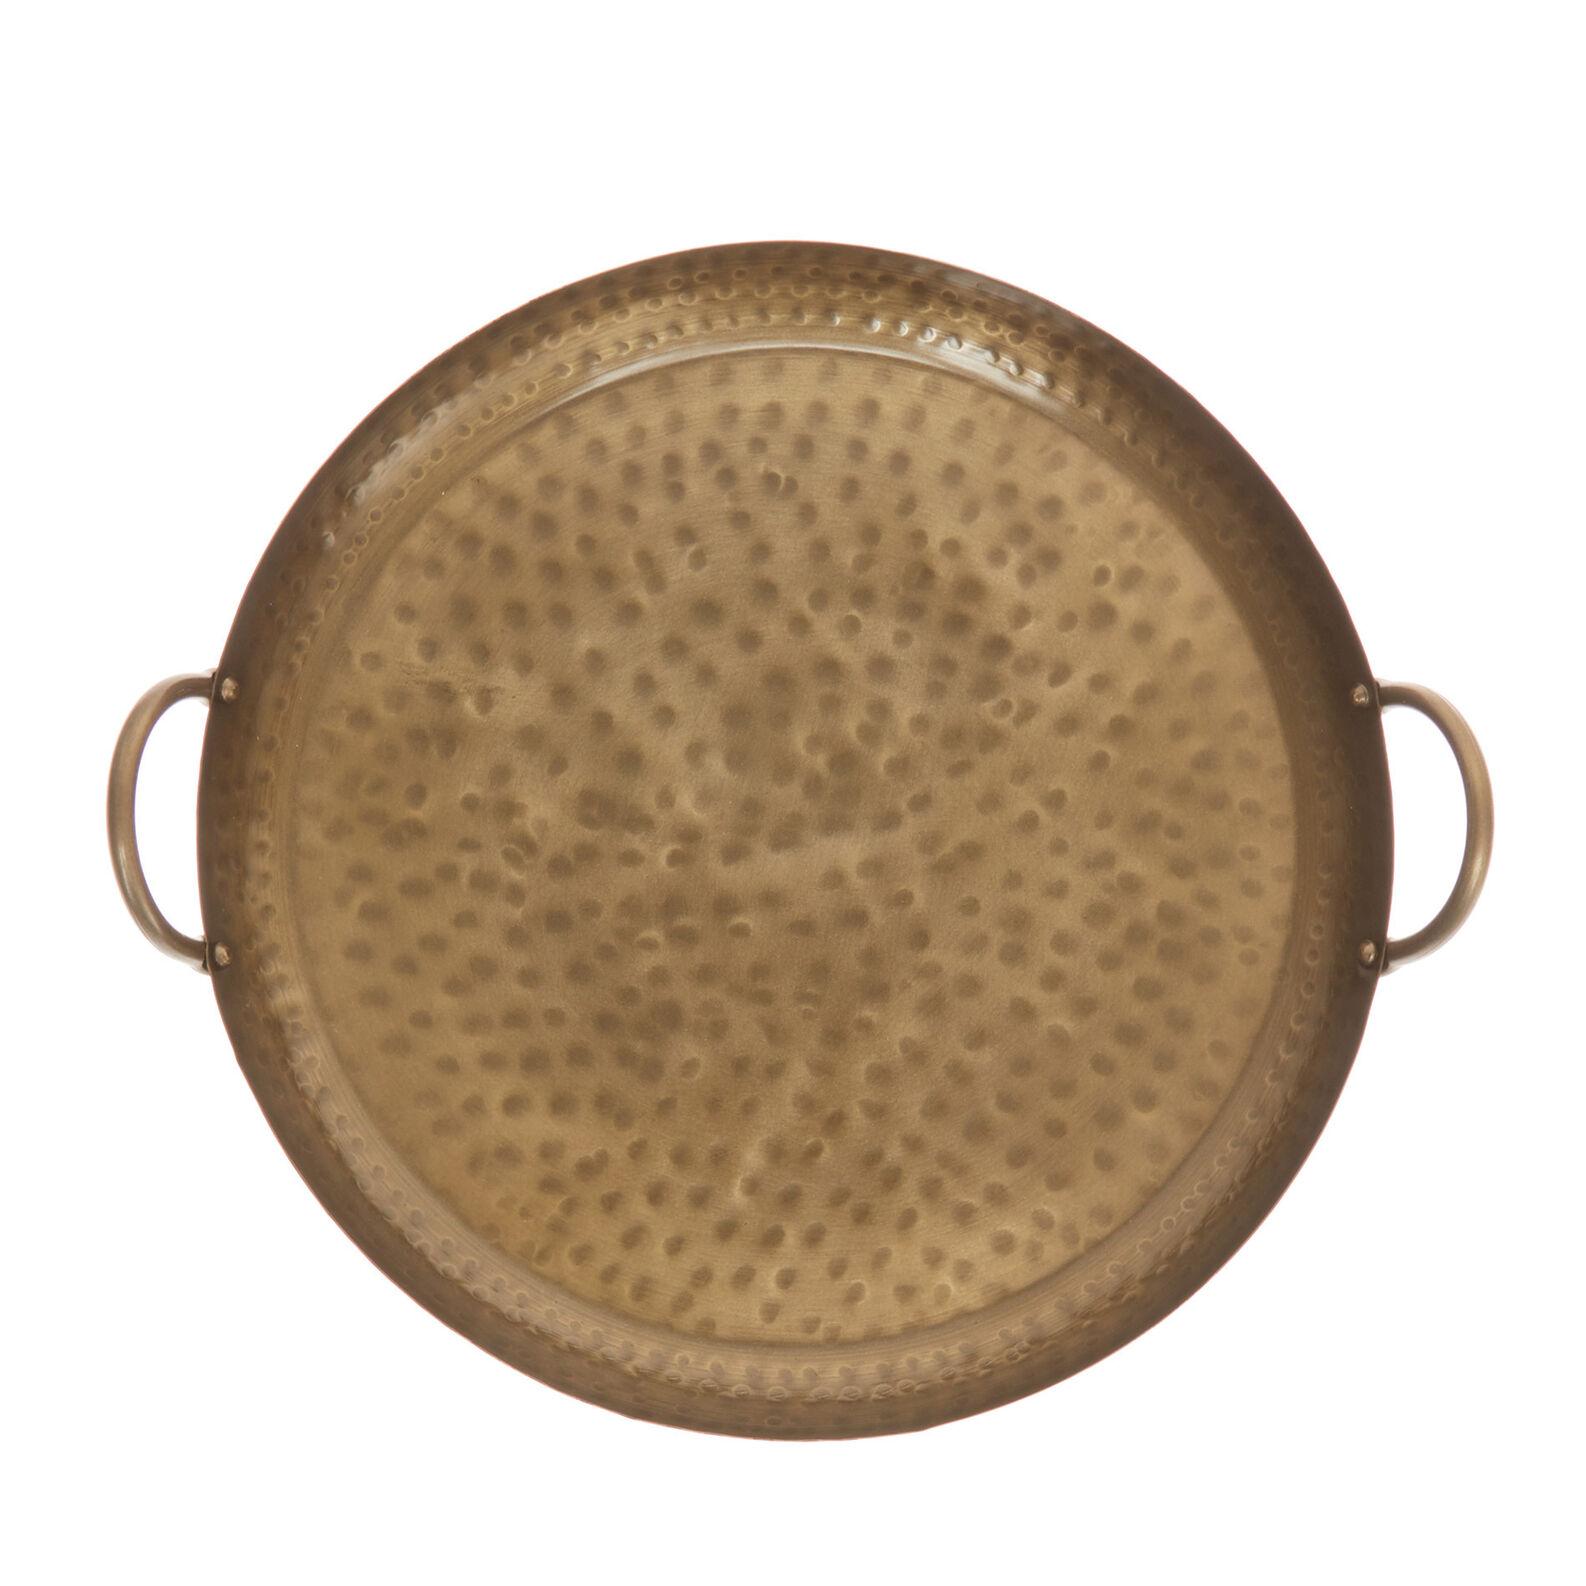 Textured iron tray